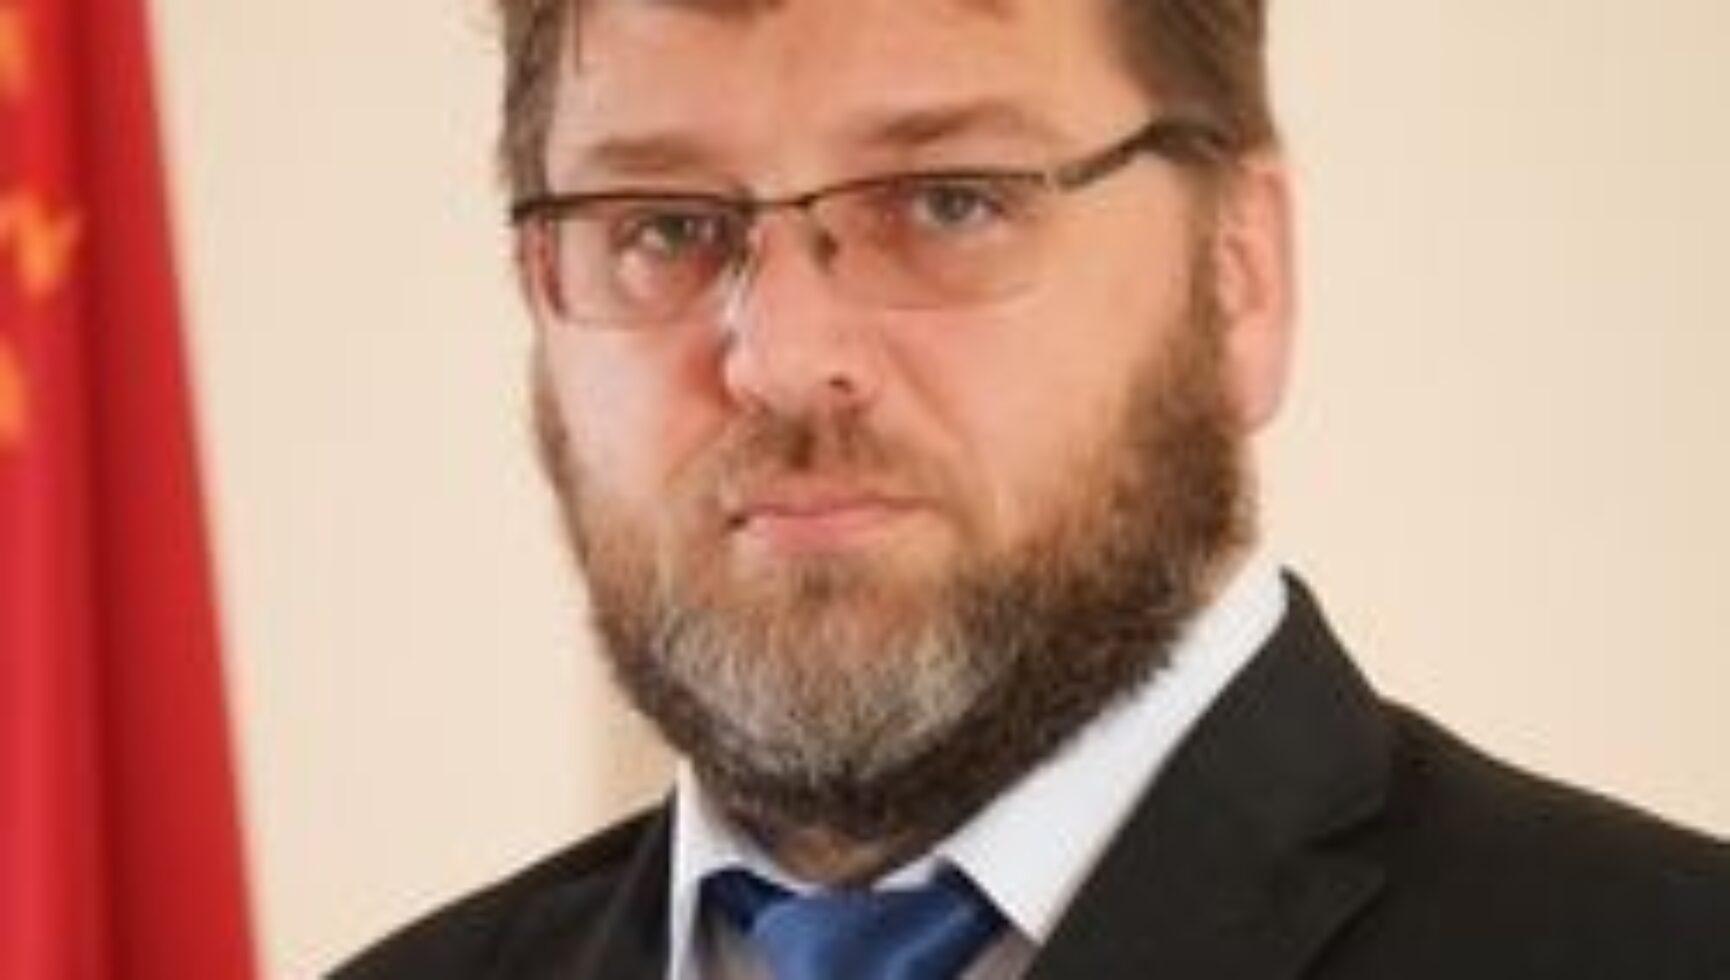 Поздравляем Сорокина Алексея Николаевича, заместителя главы администрации города Тулы, с Днем рождения!